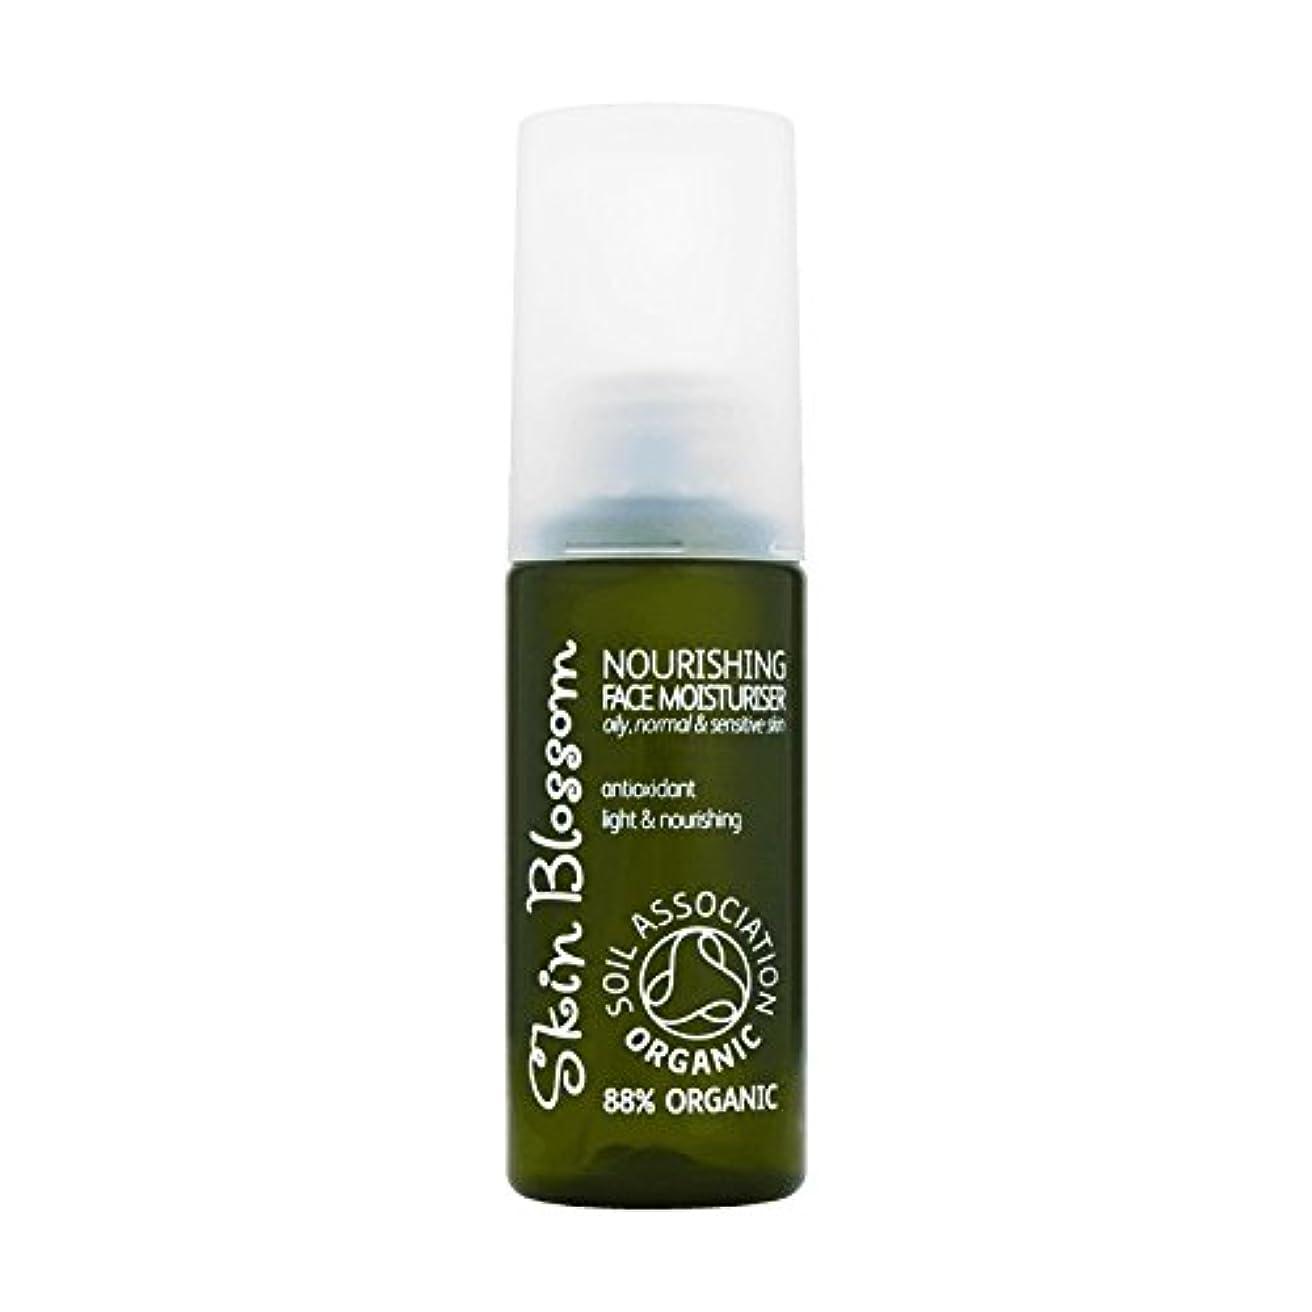 ストローク若者消防士皮膚の花栄養顔の保湿クリーム50Ml - Skin Blossom Nourishing Face Moisturiser 50ml (Skin Blossom) [並行輸入品]